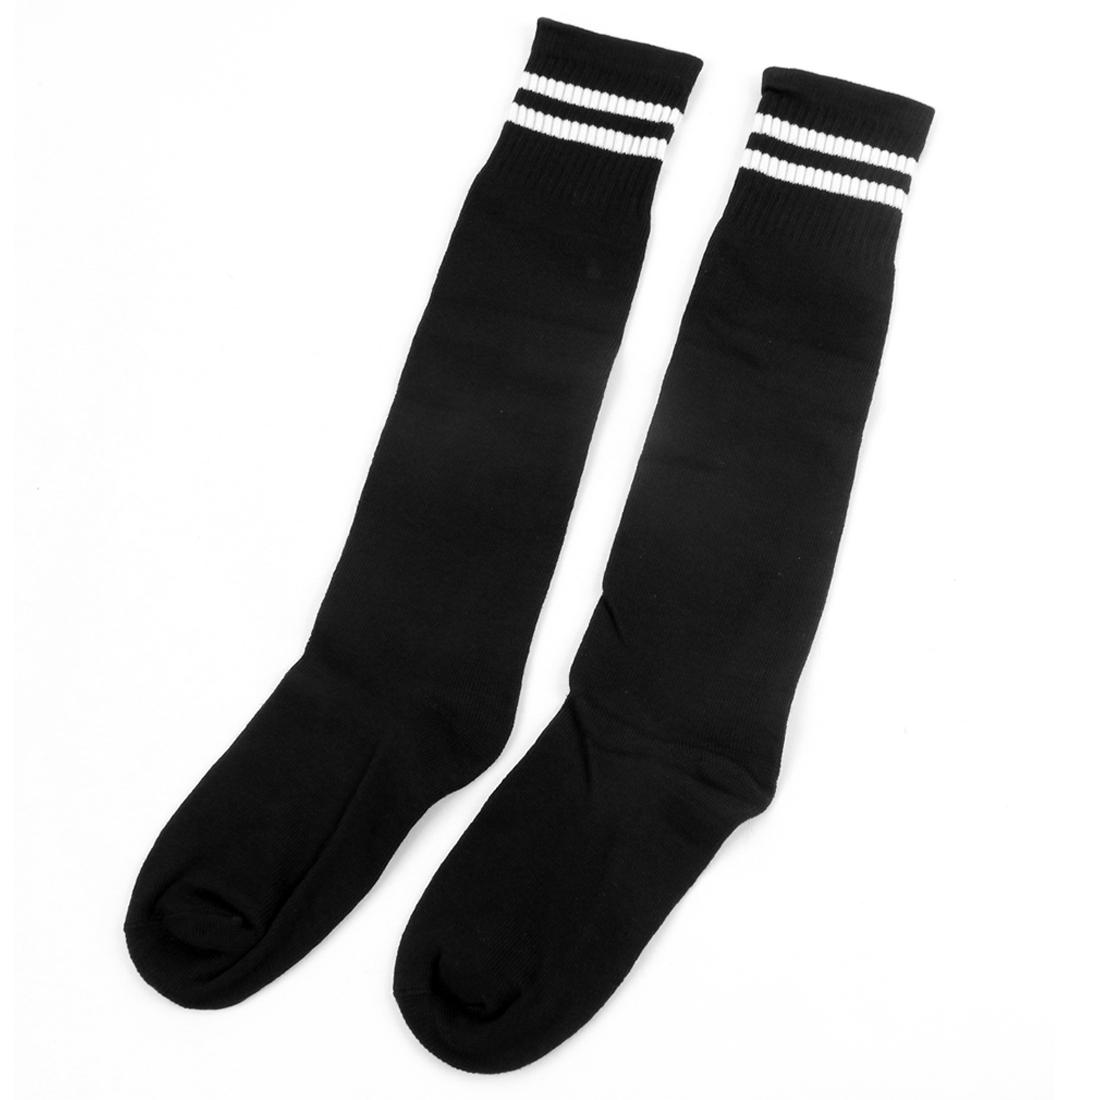 Men Women Football Soccer Baseball Basketball Stockings Ankle Socks Black Pair